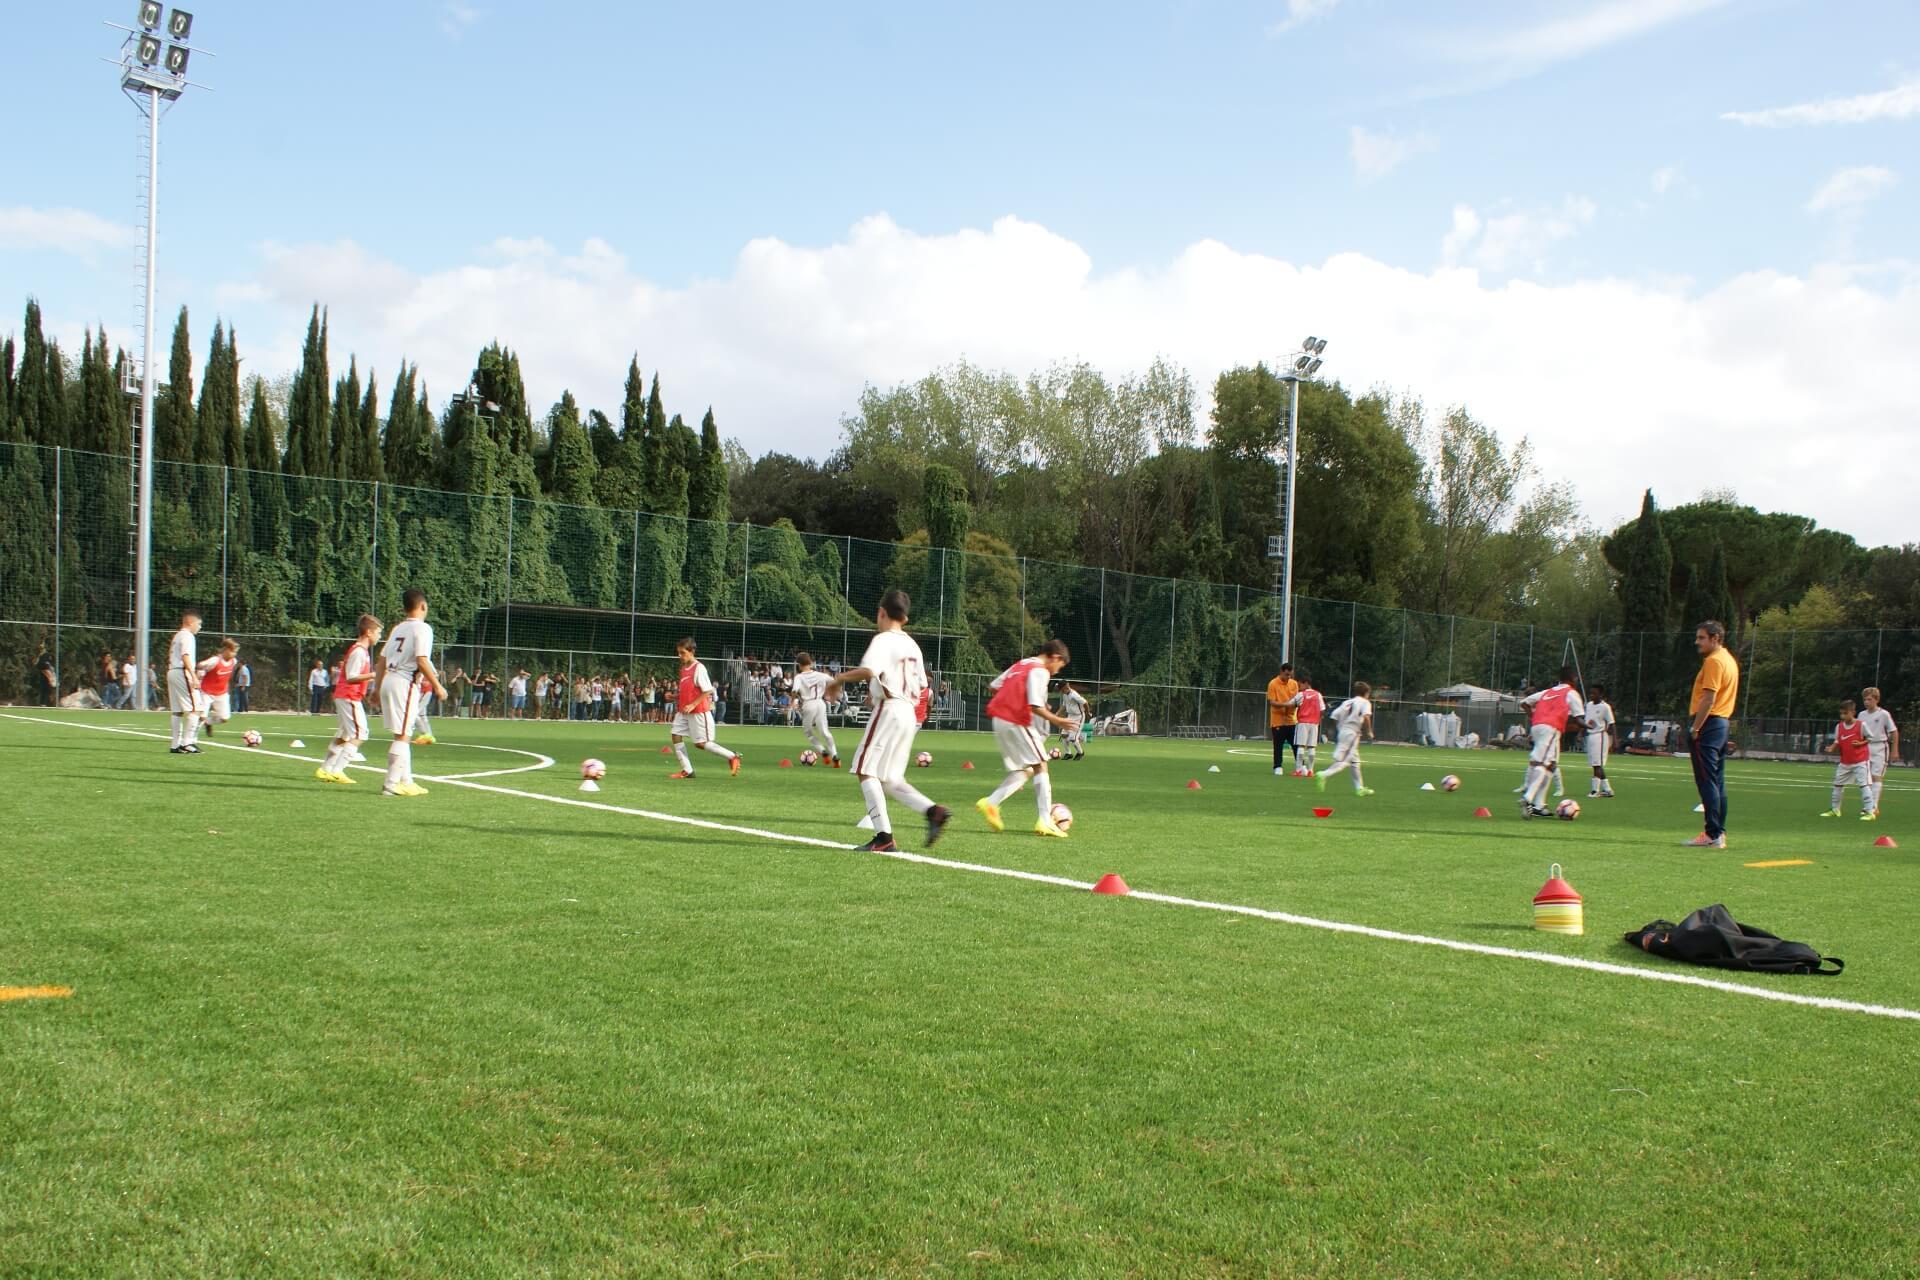 Riscaldamento sul nuovo campo di calcio Achillea 2002, completamente rinnovato